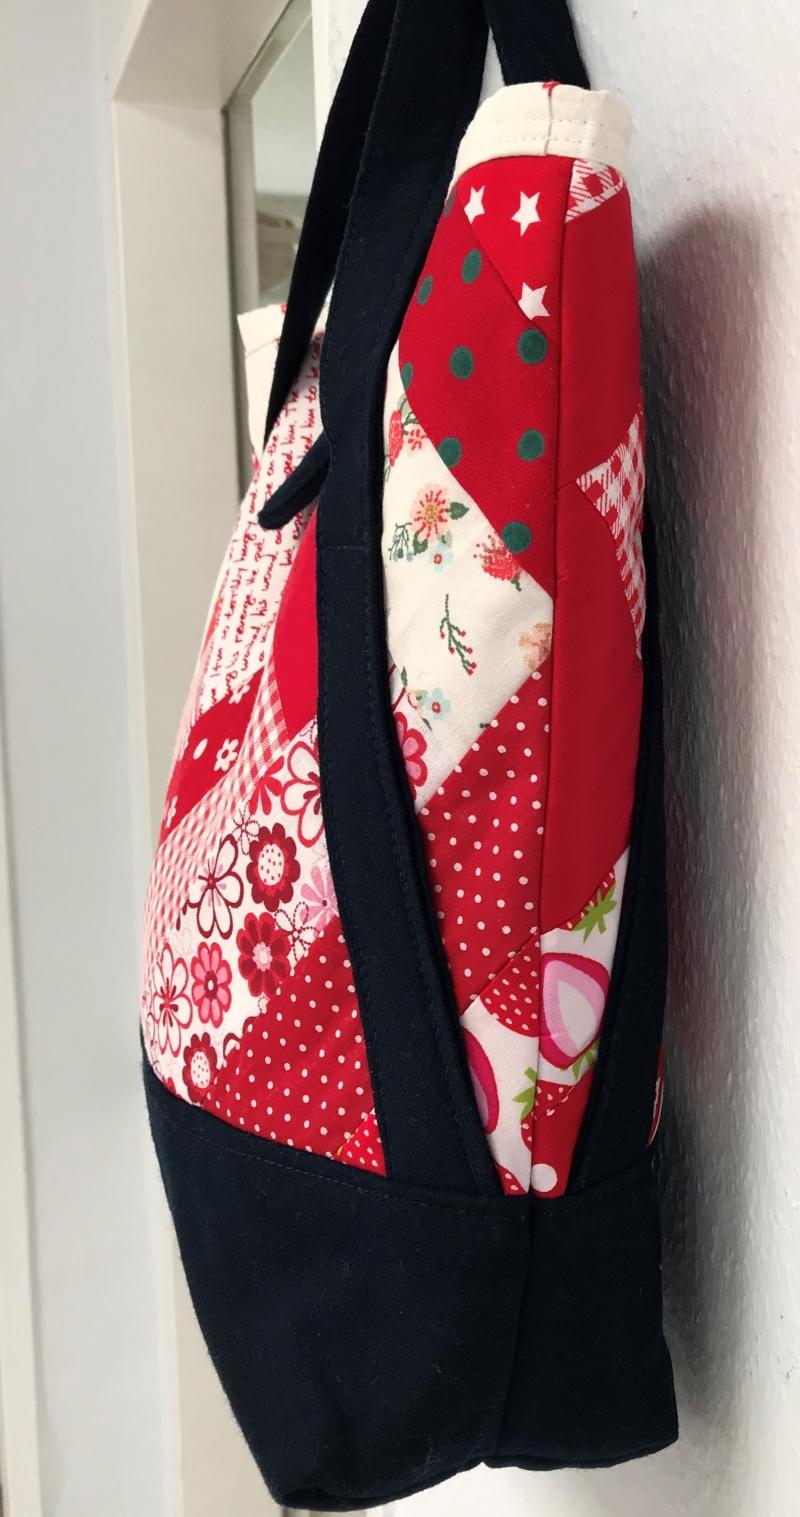 Kleinesbild - Shopper Einkaufstasche Sommertasche Markttasche Tragetasche